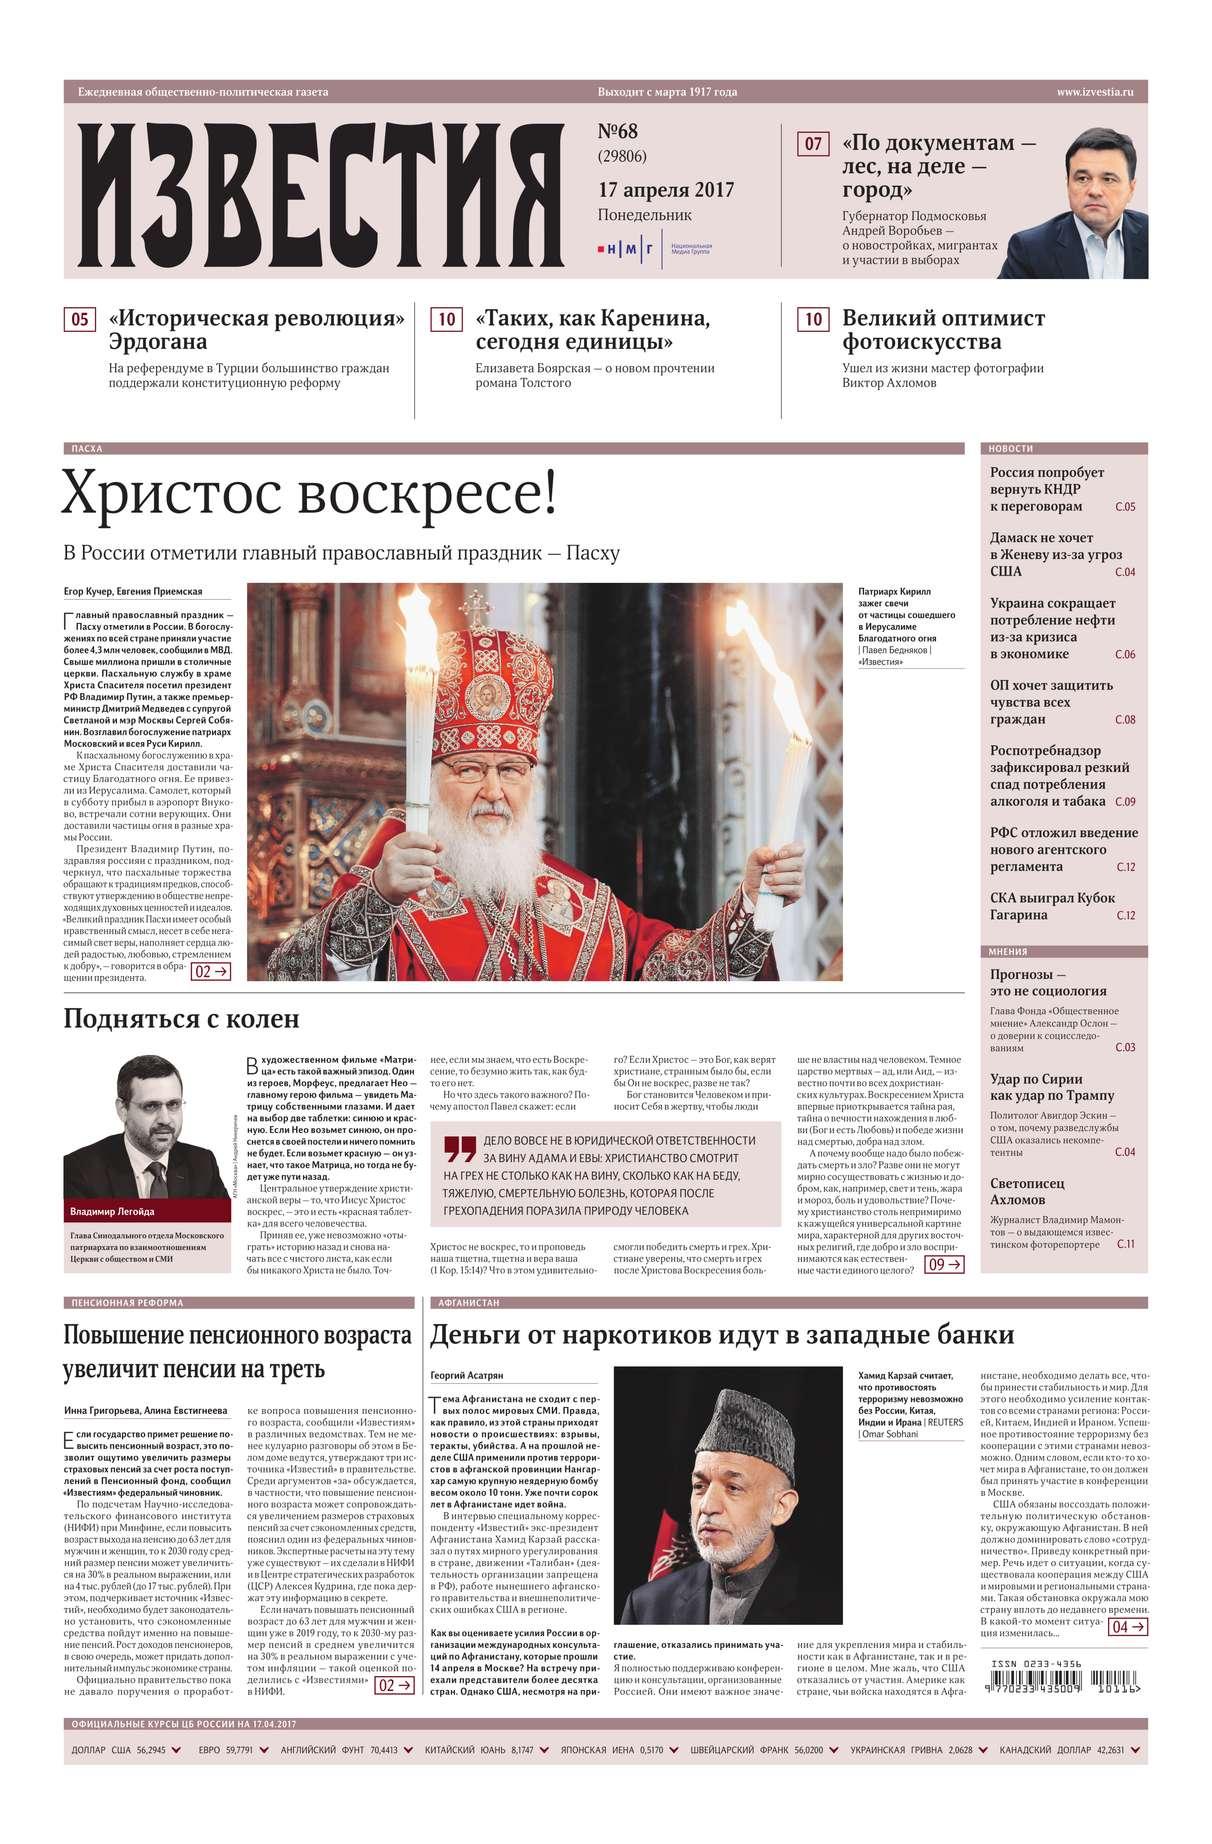 Известия 68-2017